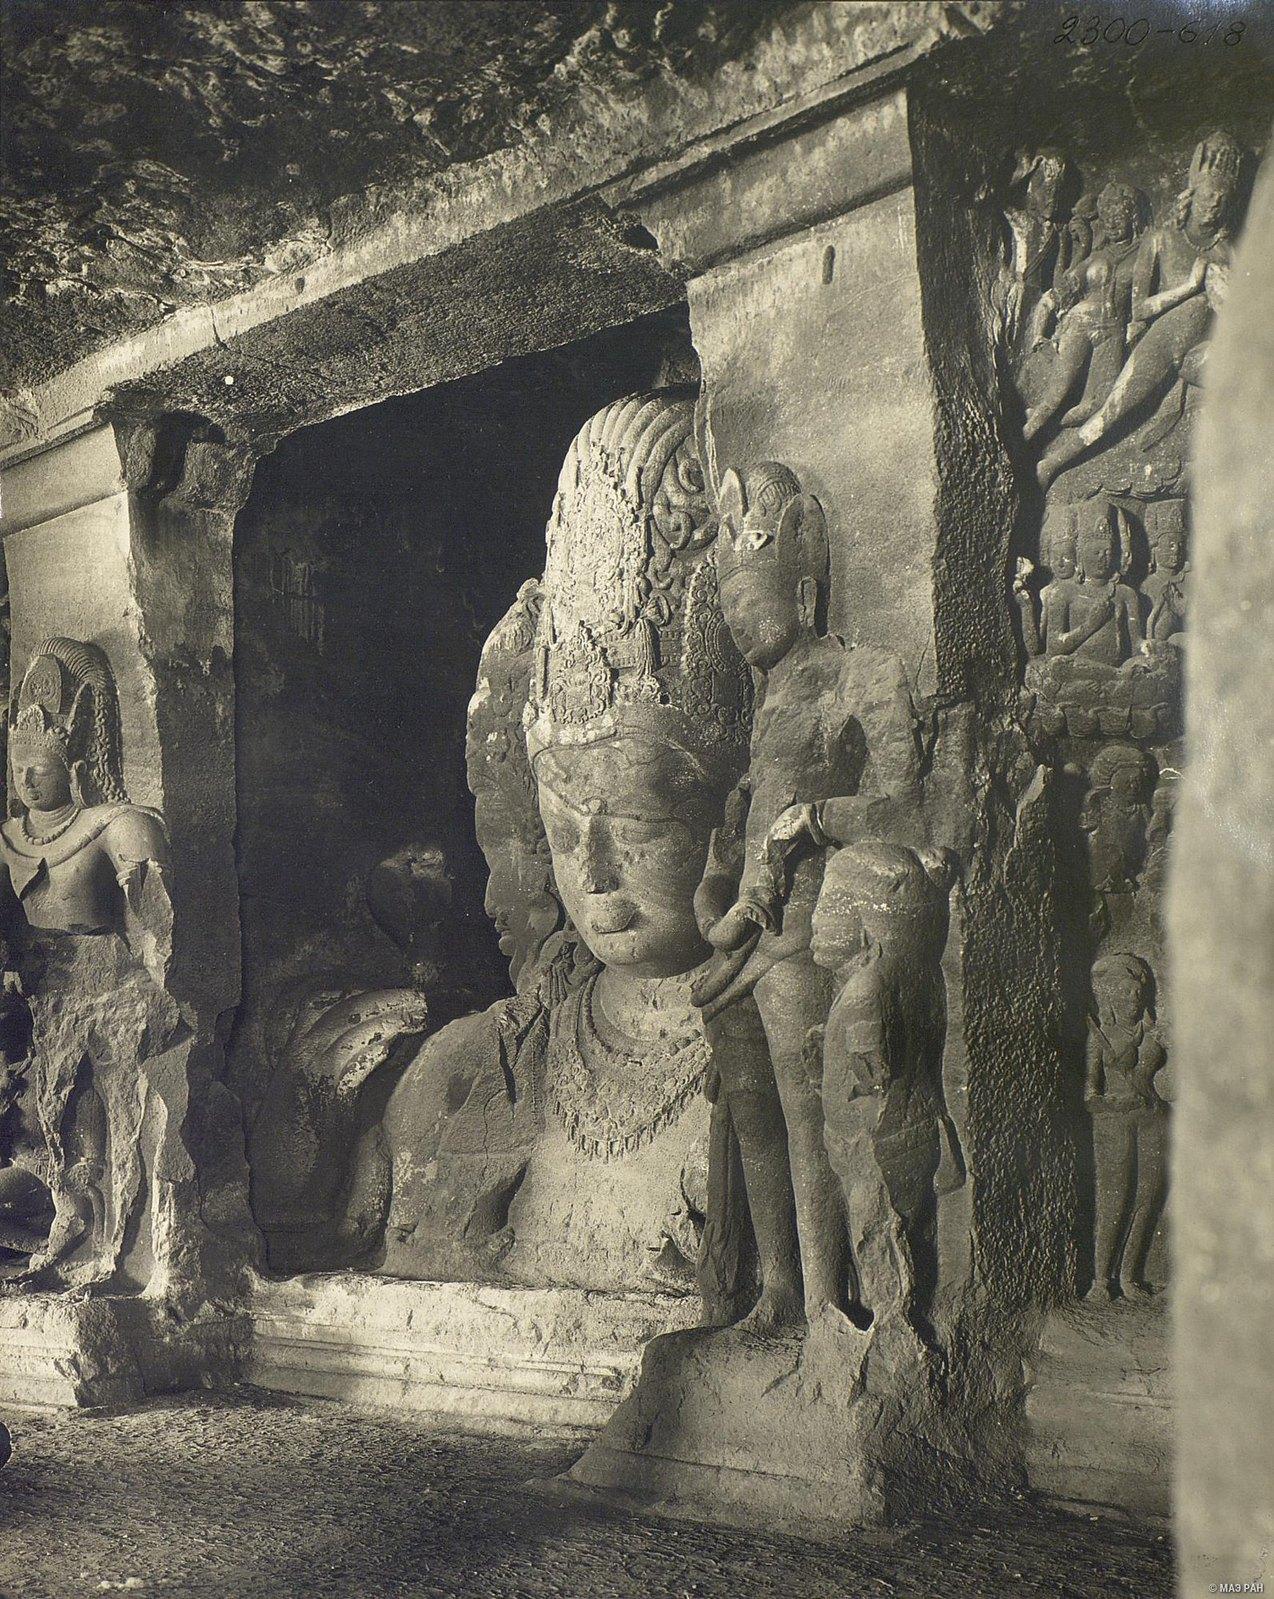 Пещерный храм в Элефанте (скульптурное изображение Тримурти) (5)